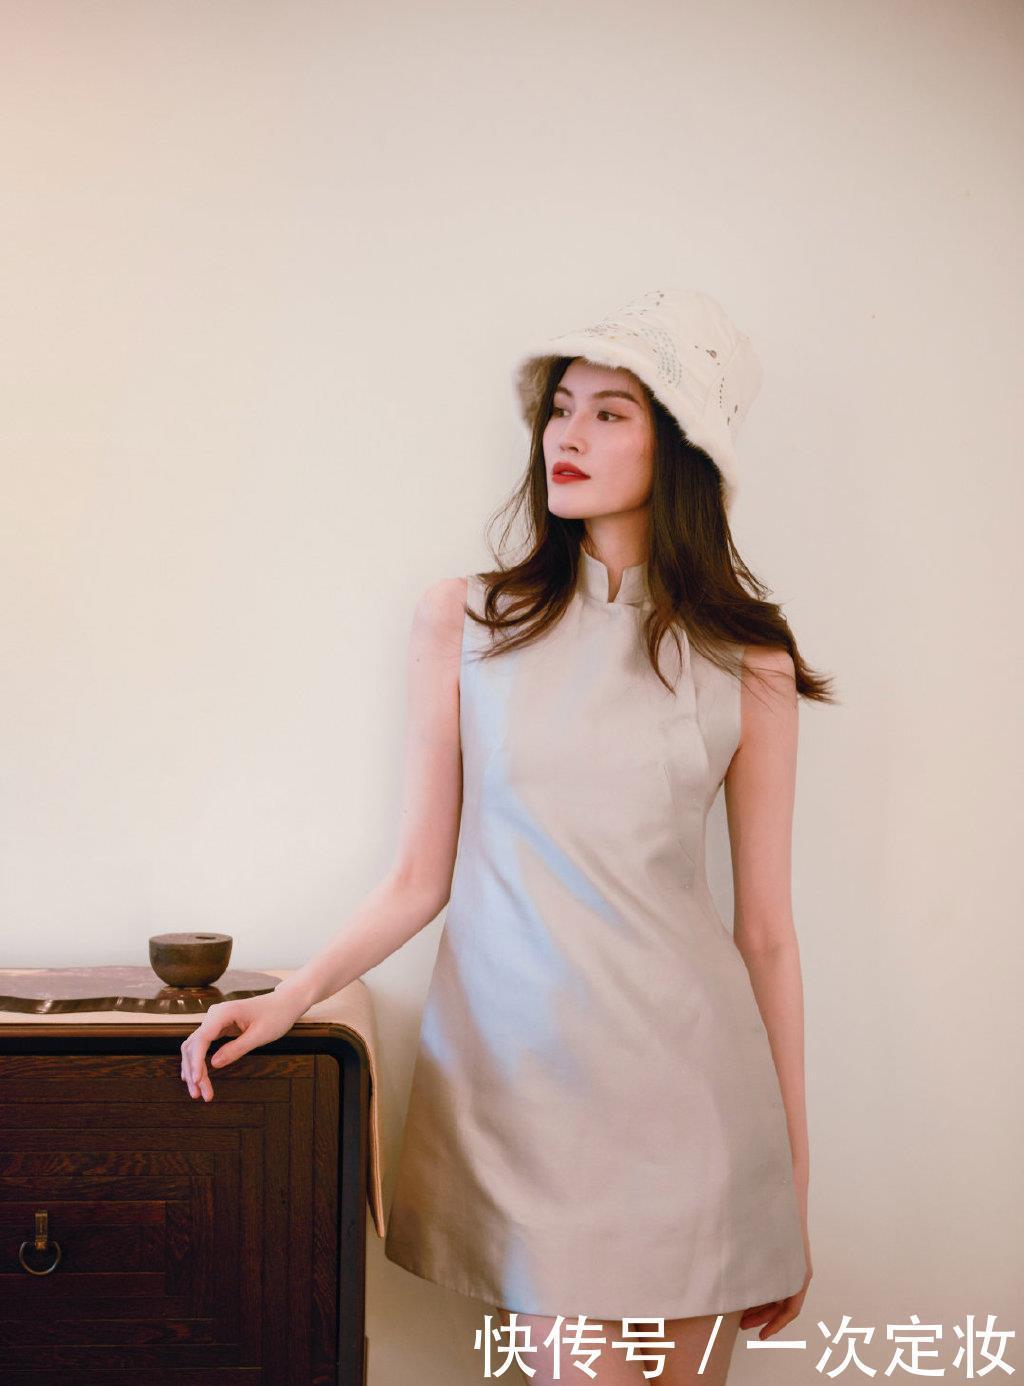 何穗穿中国风旗袍戴渔夫帽,四肢纤细韵味十足,网友:美呆了